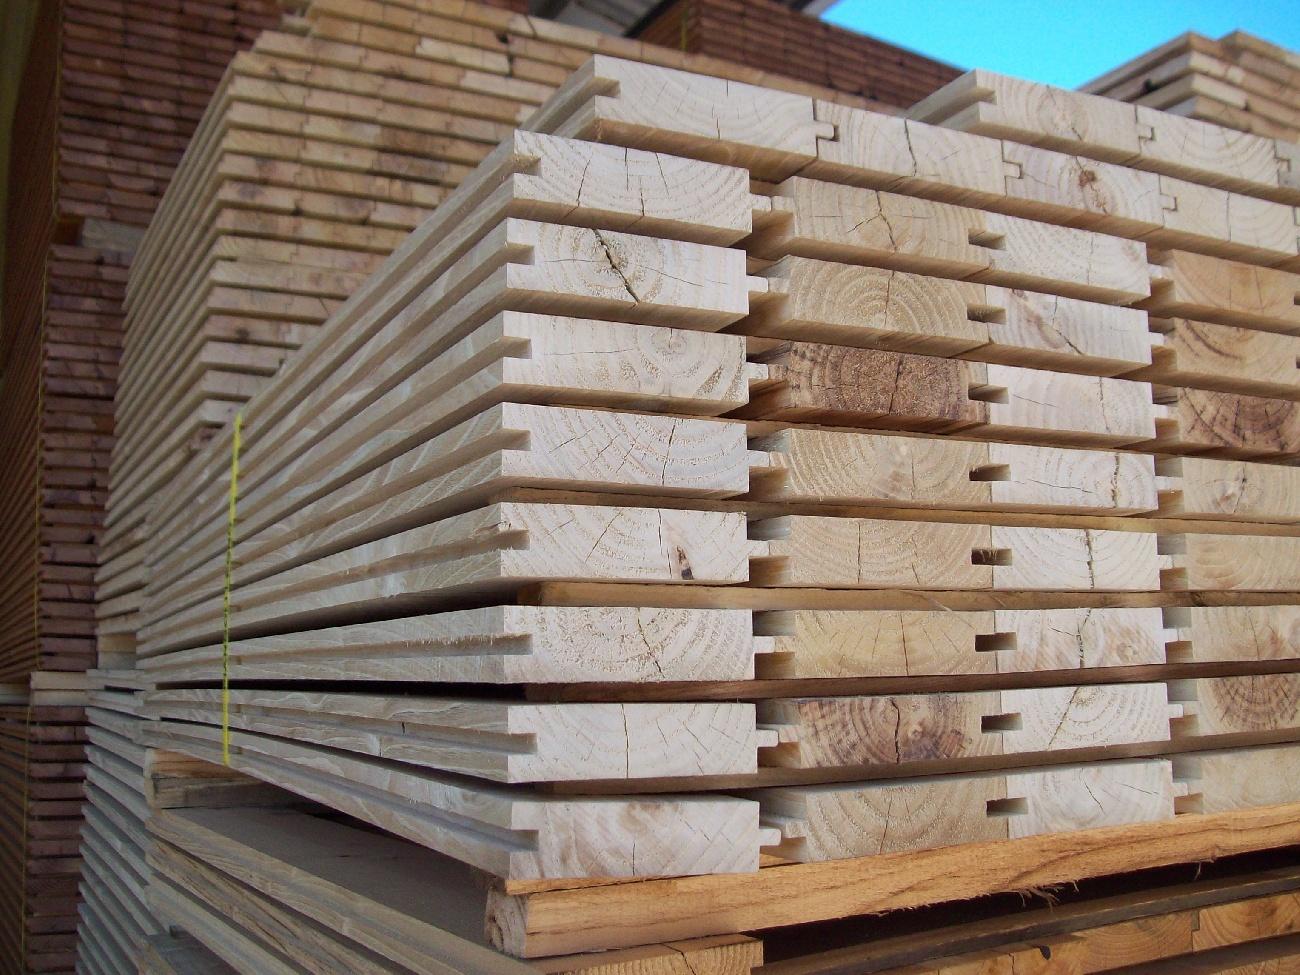 Produzione e vendita di tavolato per pavimentazioni - Vendita tavole di legno ...